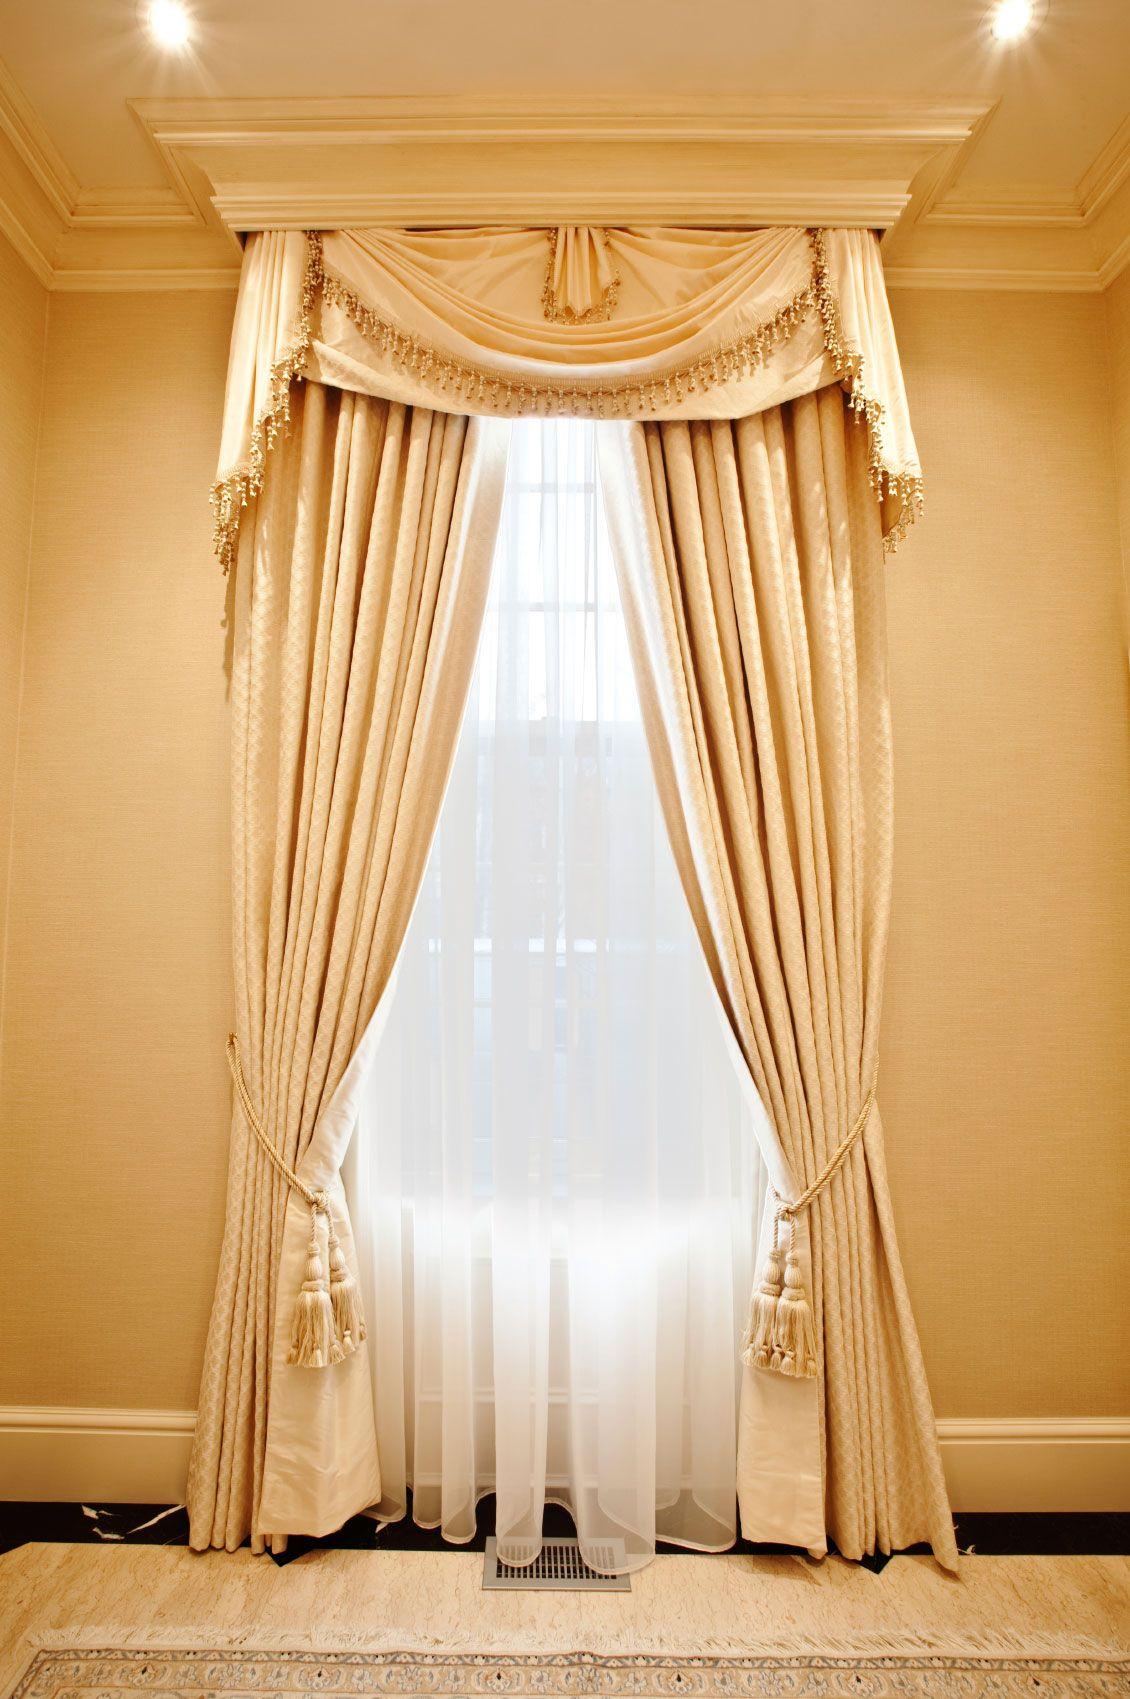 Home Decor Ideas Curtain Ideas To Enhance The Beauty